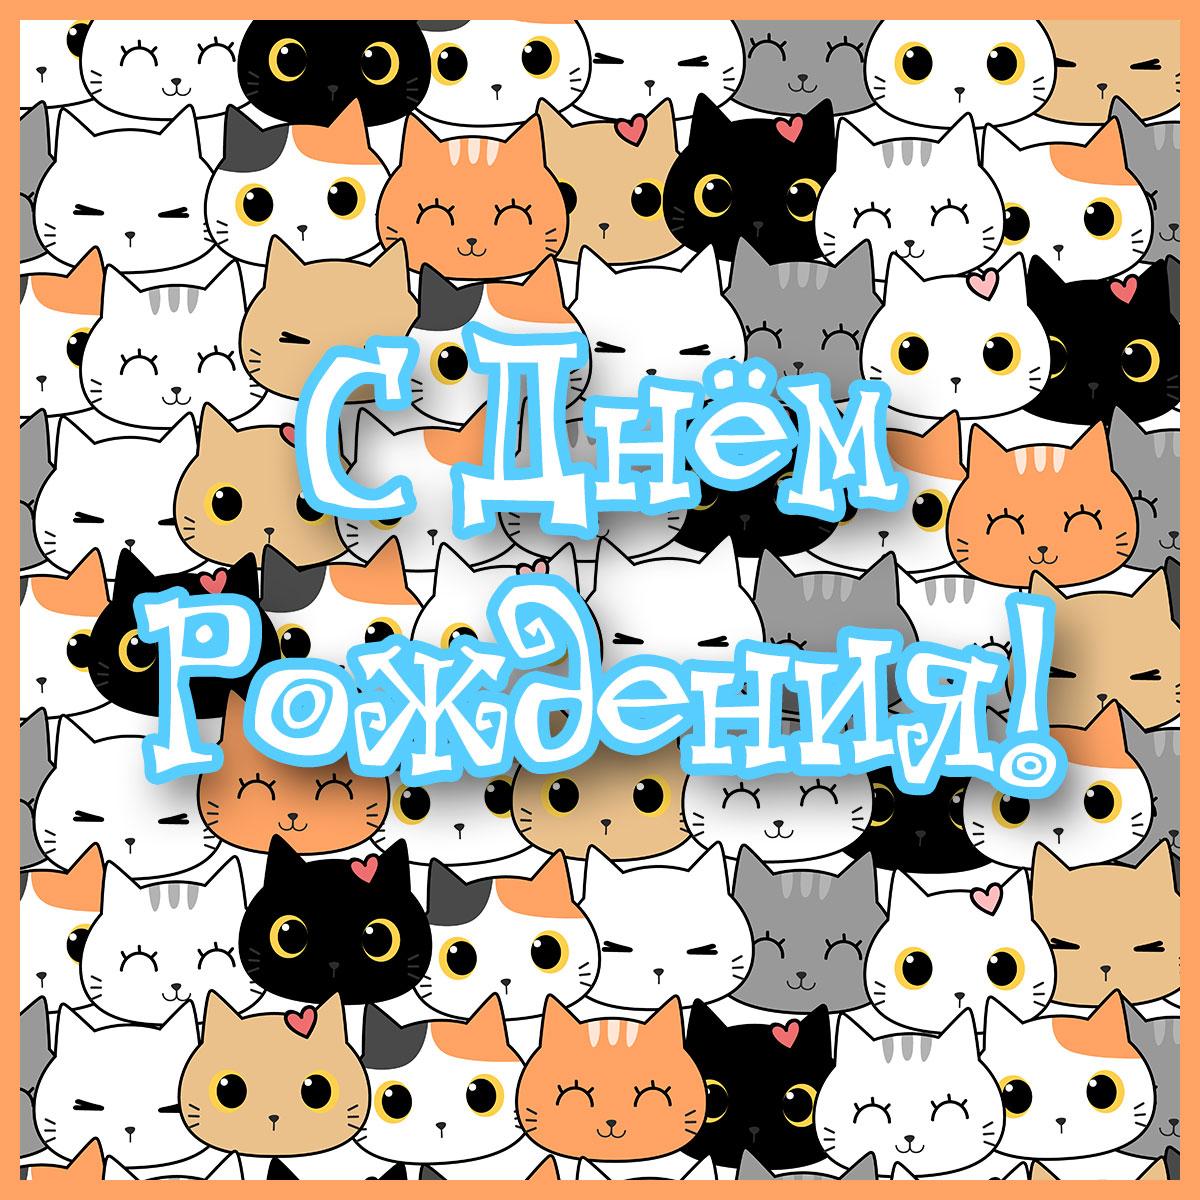 Картинка с надписью с днем рождения на фоне множества кошачьх мордочек оранжевого, черного и белого цвета.